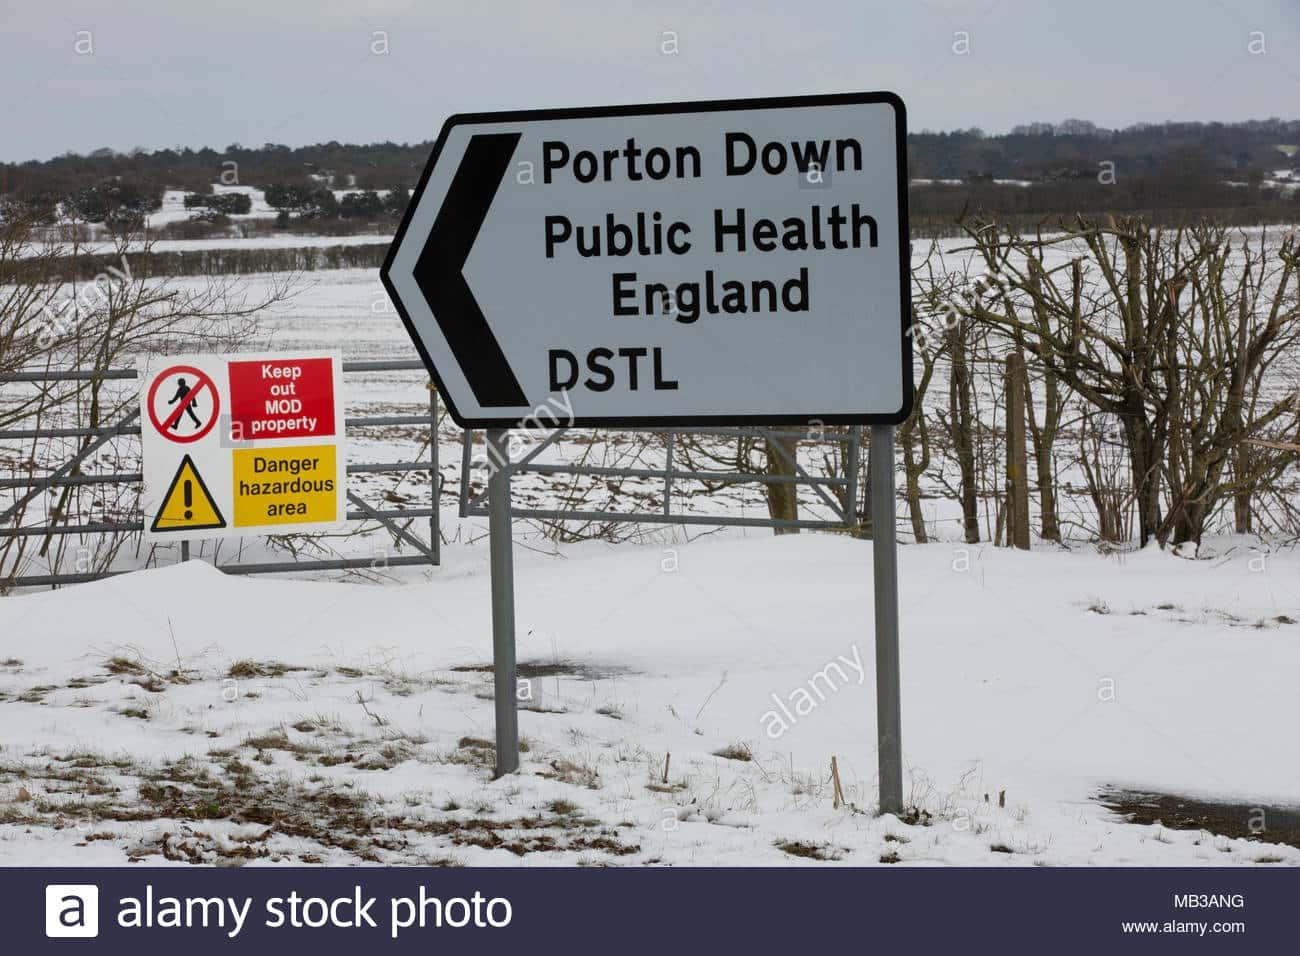 Porton Down, secret défense militaire, laboratoire de recherche du ministère de la Défense Defence.